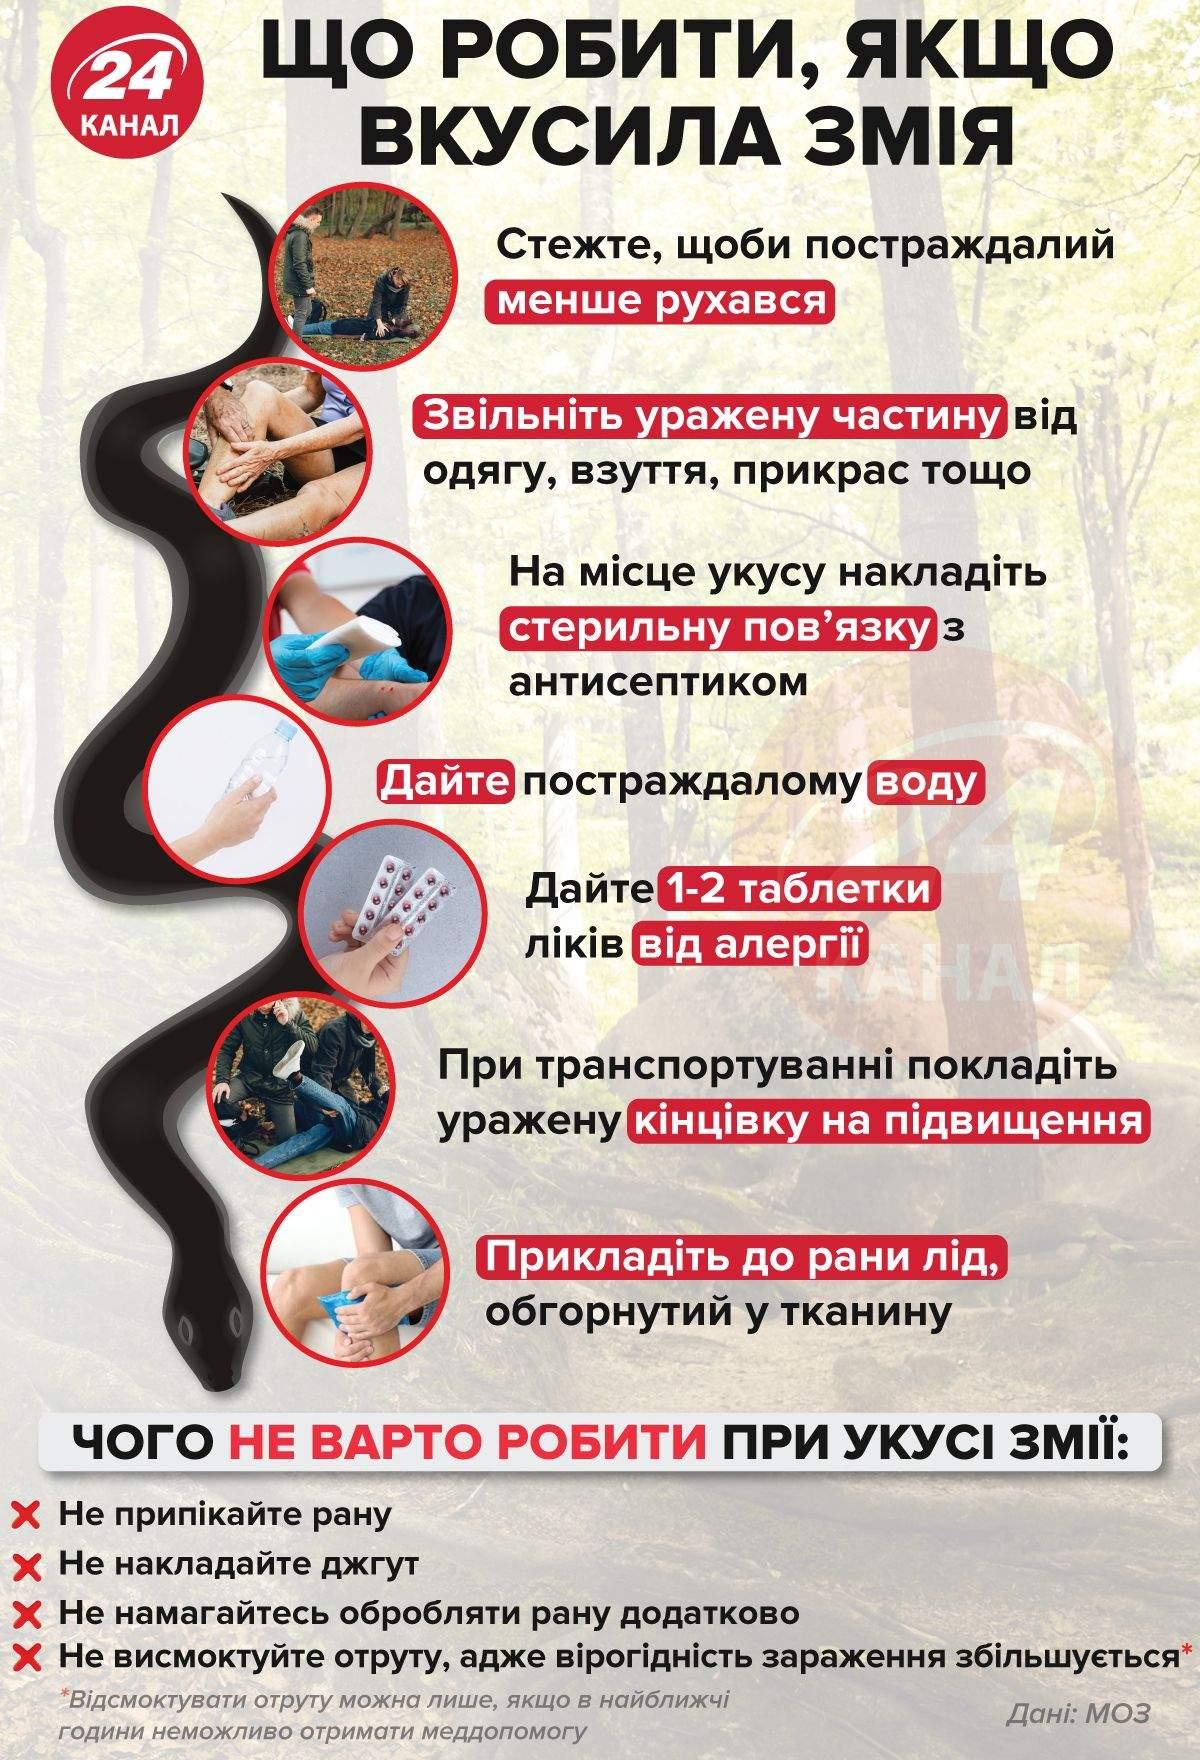 Що робити, якщо вкусила змія / Джерело: МОЗ / Інфографіка 24 каналу